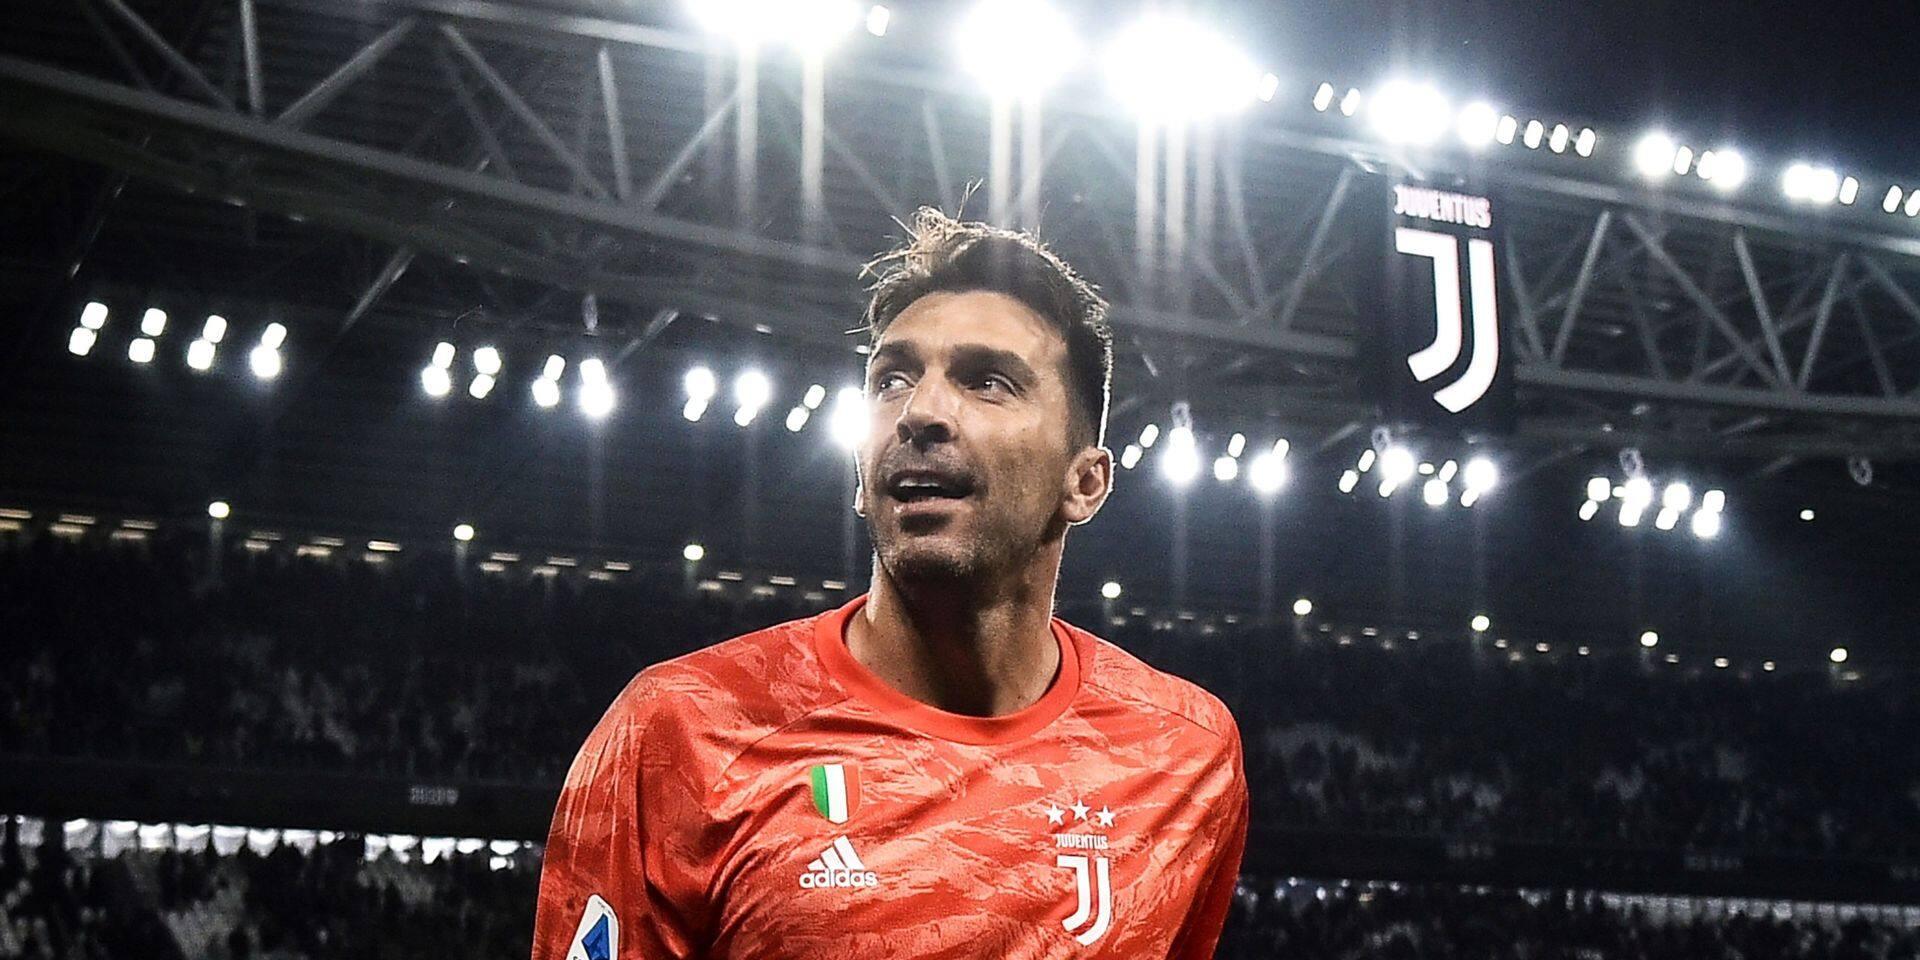 650e match en Serie A pour Buffon, titulaire avec la Juventus